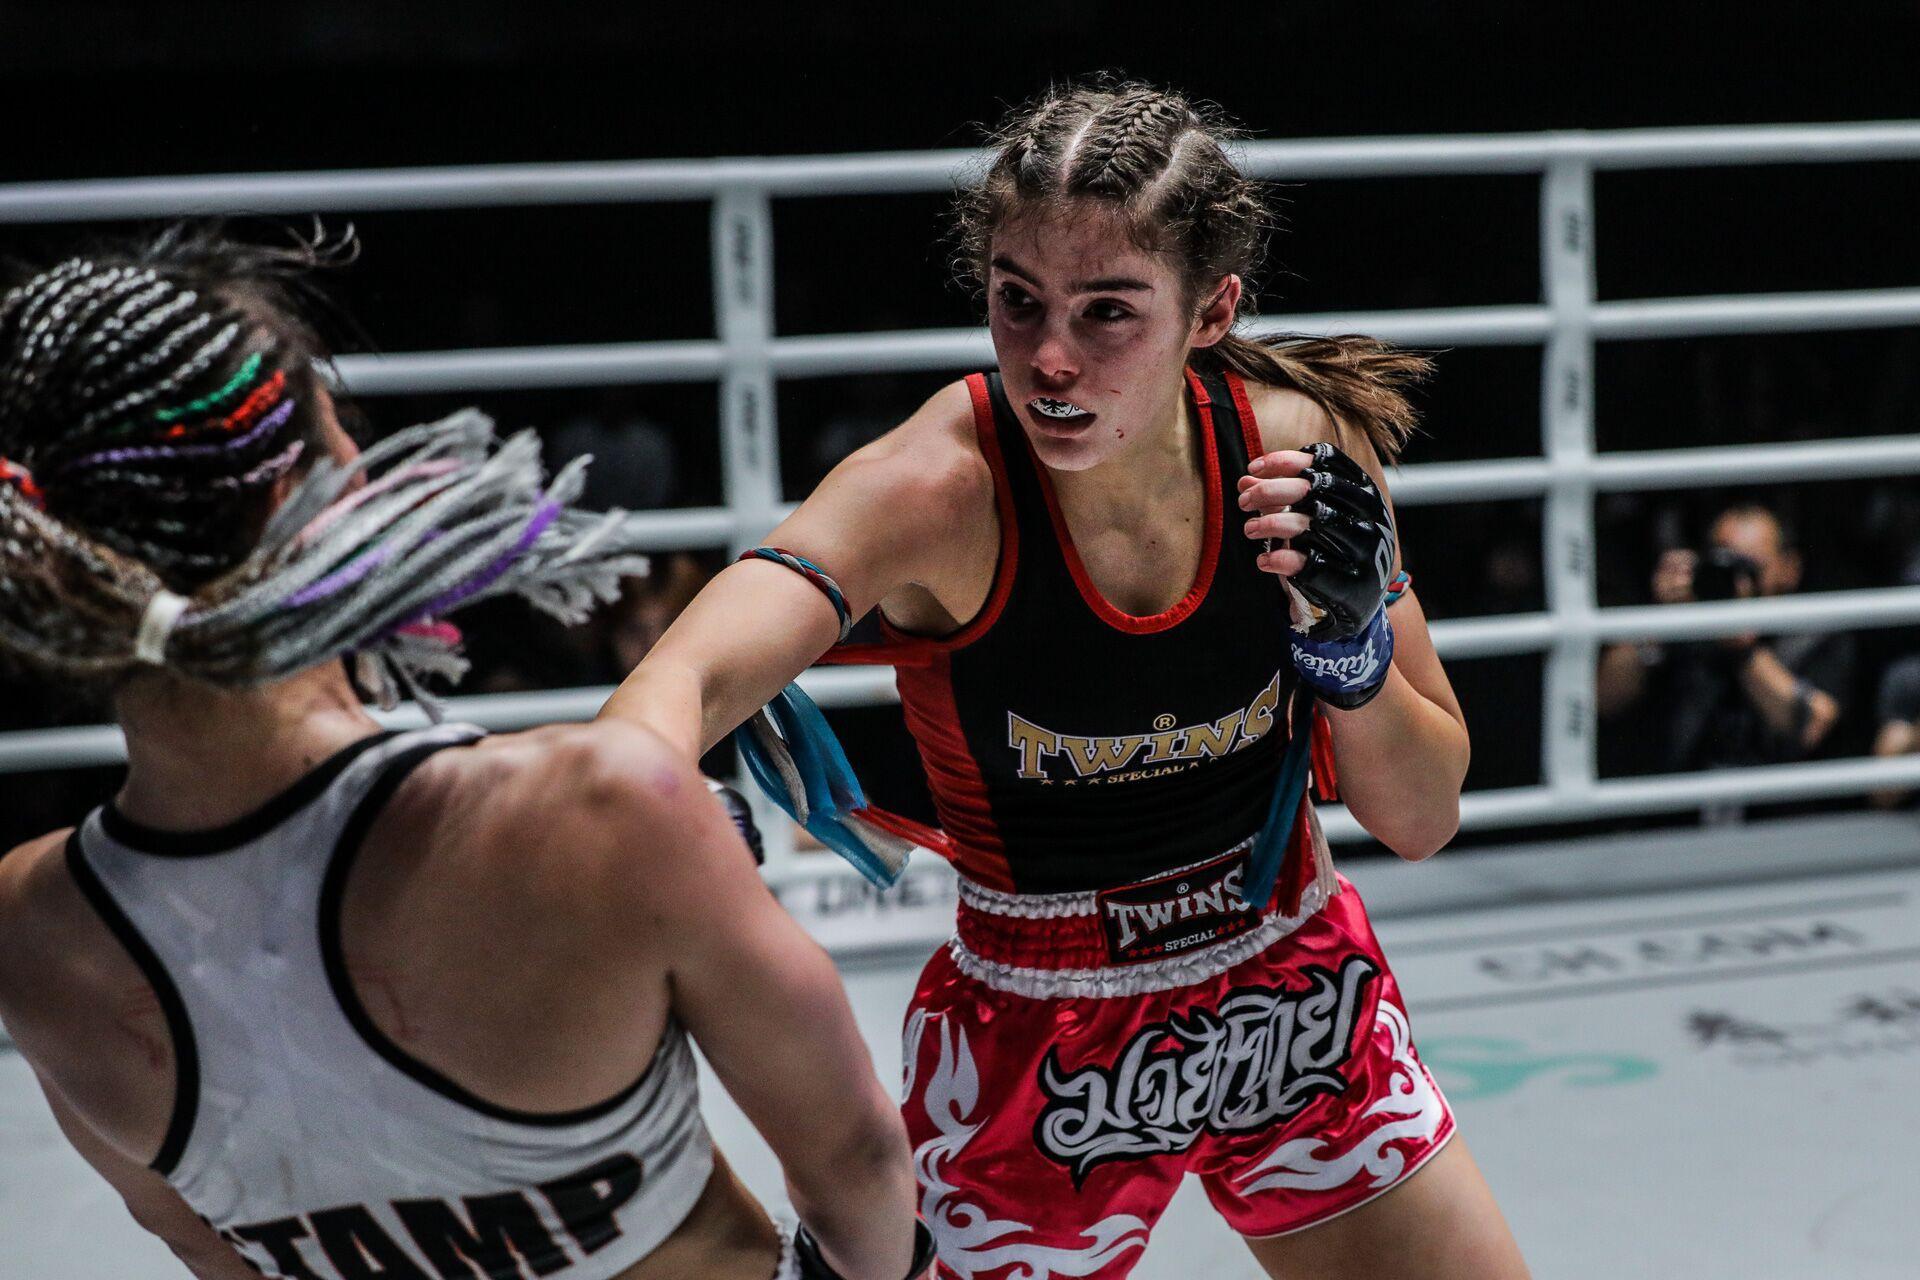 Mĩ nhân vạn người mê của làng võ bị đánh bầm dập đến mức khó nhận ra trong ngày ra mắt giải MMA lớn nhất châu Á - Ảnh 3.